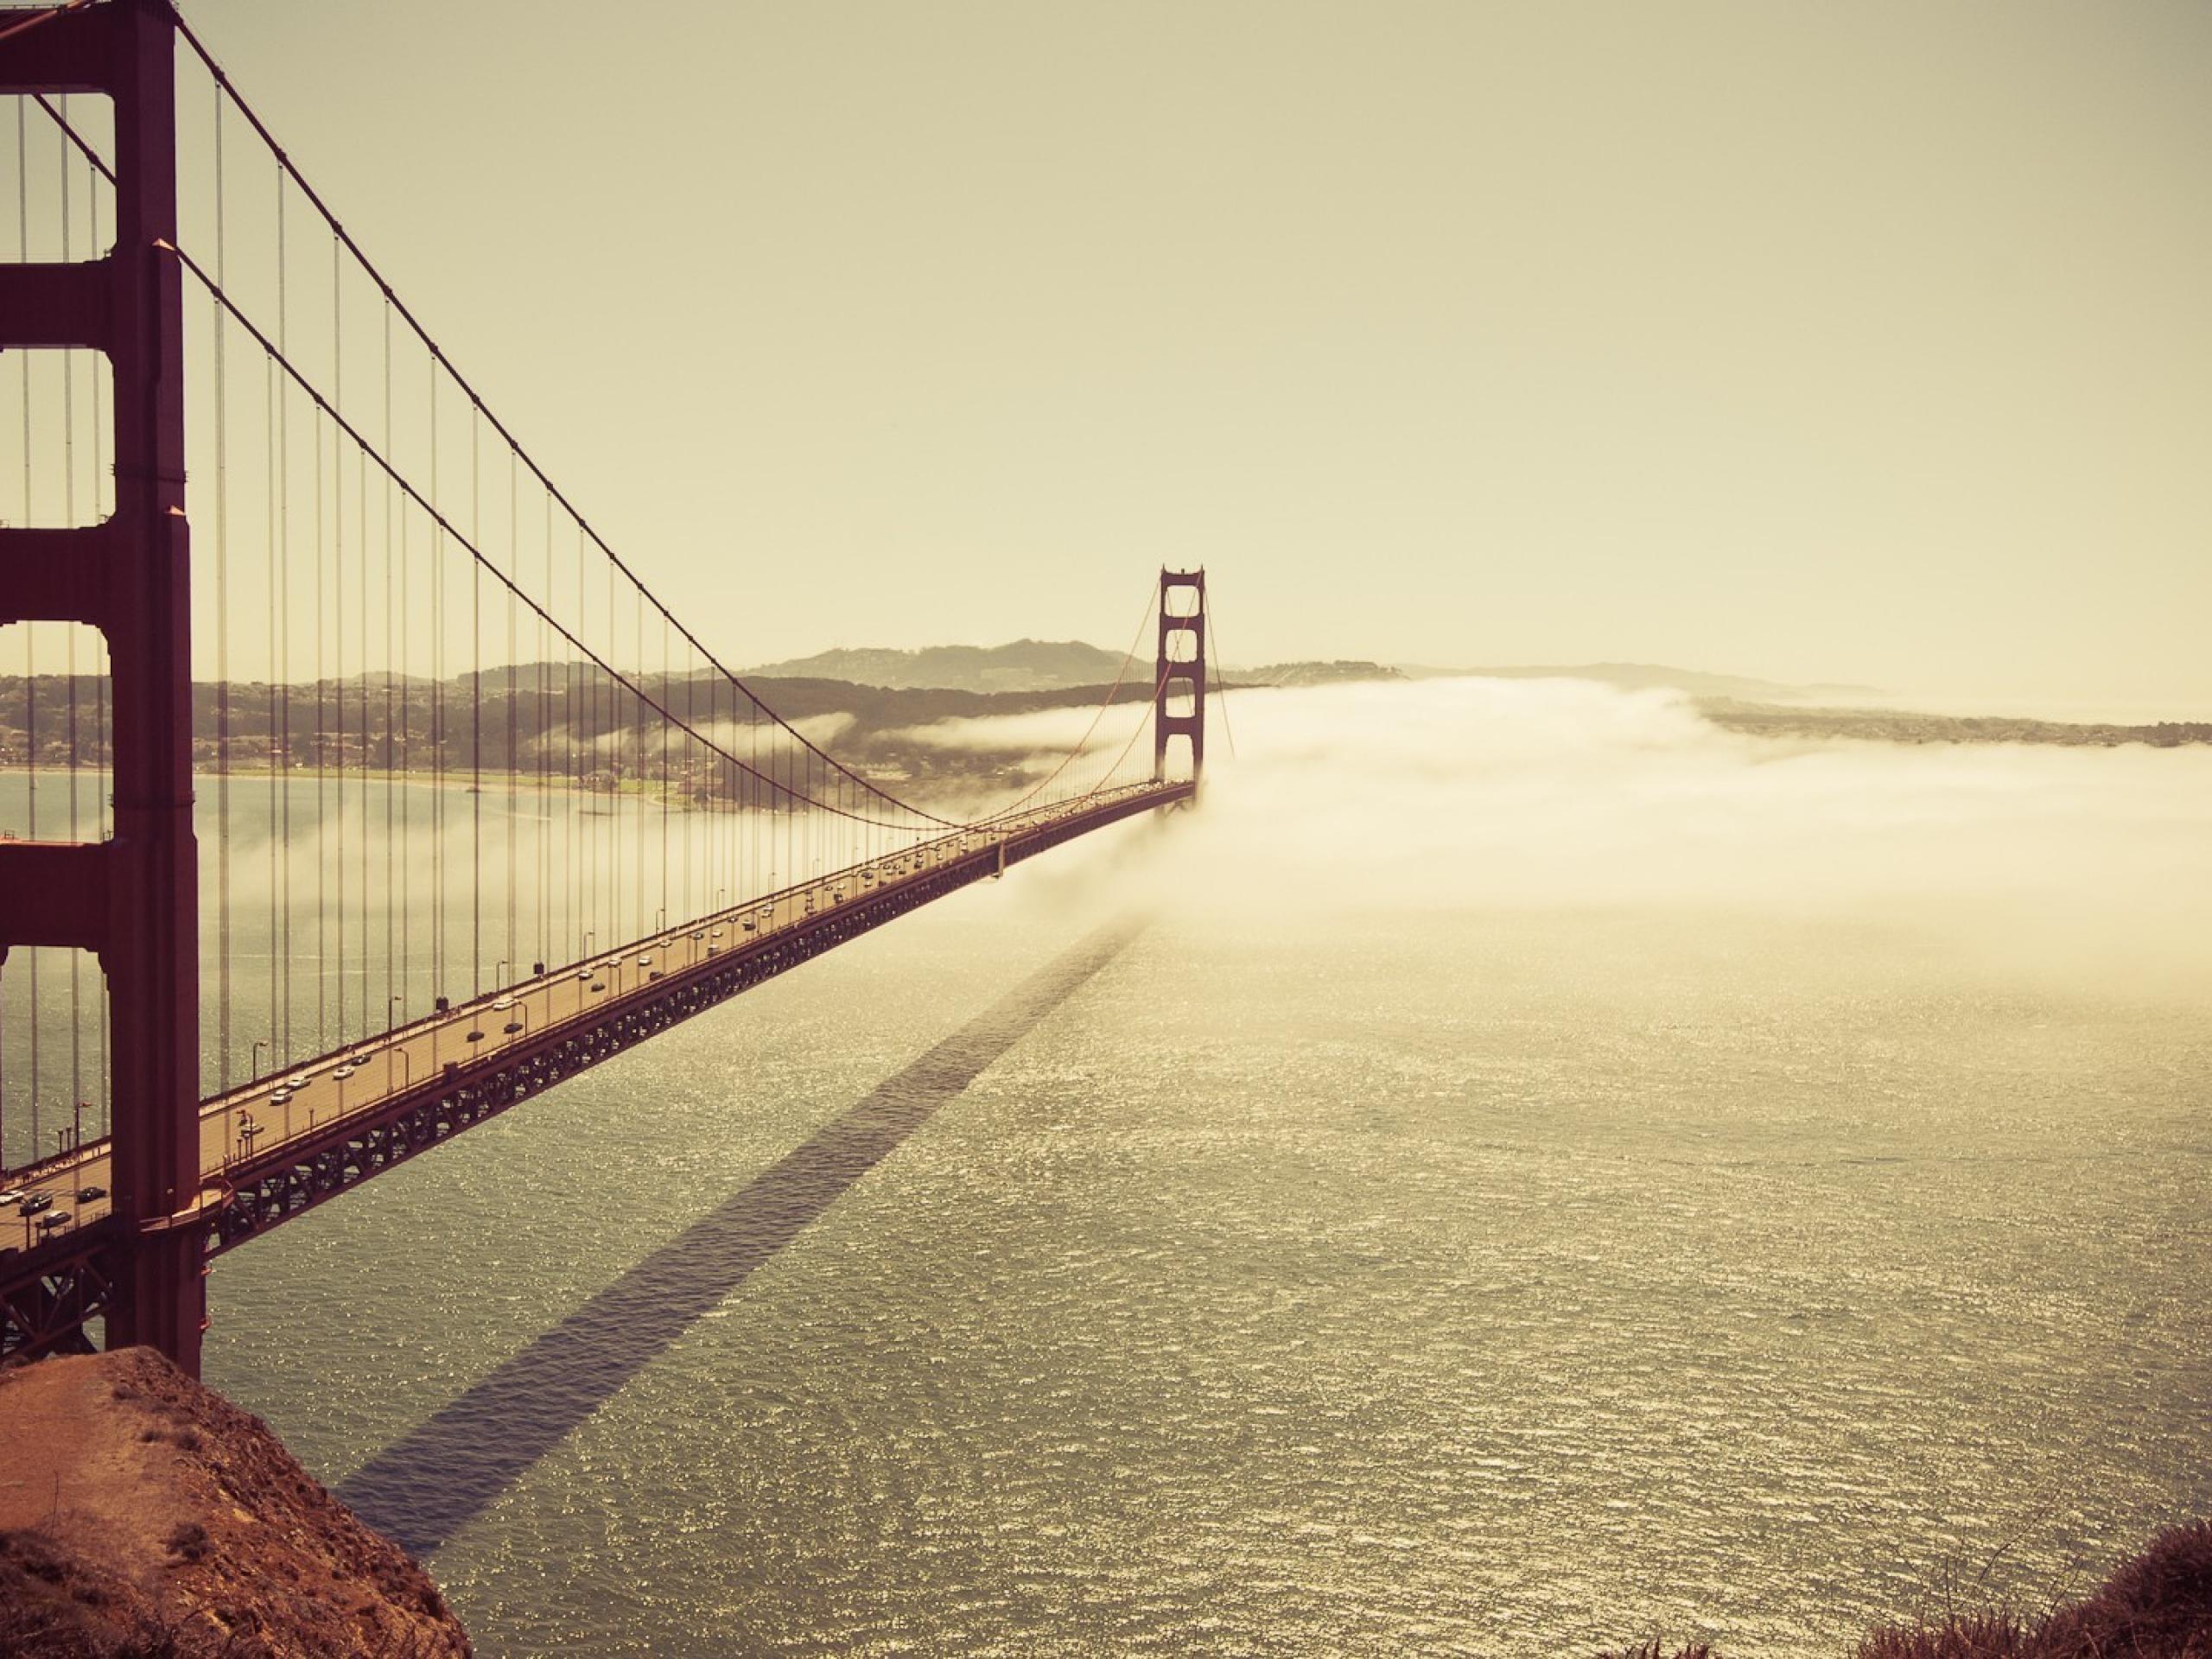 Top Wallpaper Macbook San Francisco - c86c2dbbd4143de30c490a6d5c21d1f5  You Should Have_464516.jpg